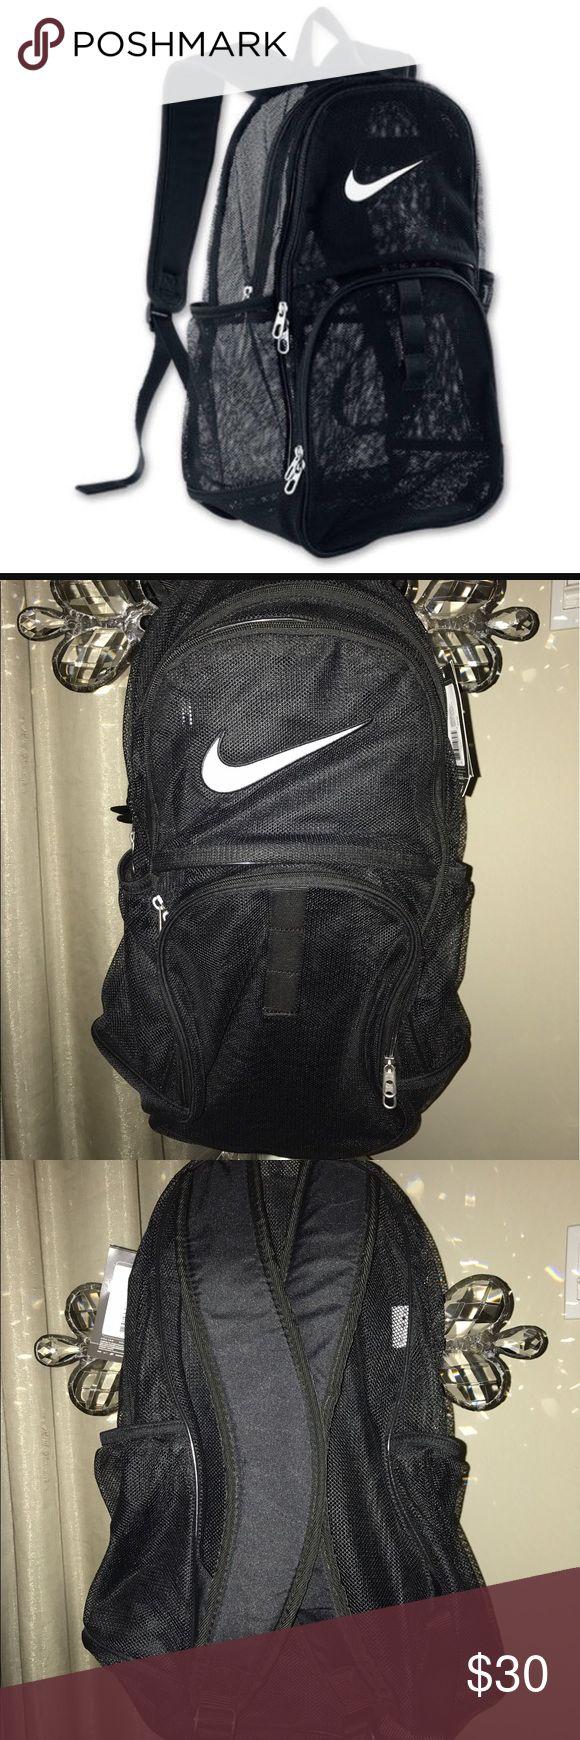 Nike mesh backpack Brand new with tags Nike mesh backpack Nike Bags Backpacks